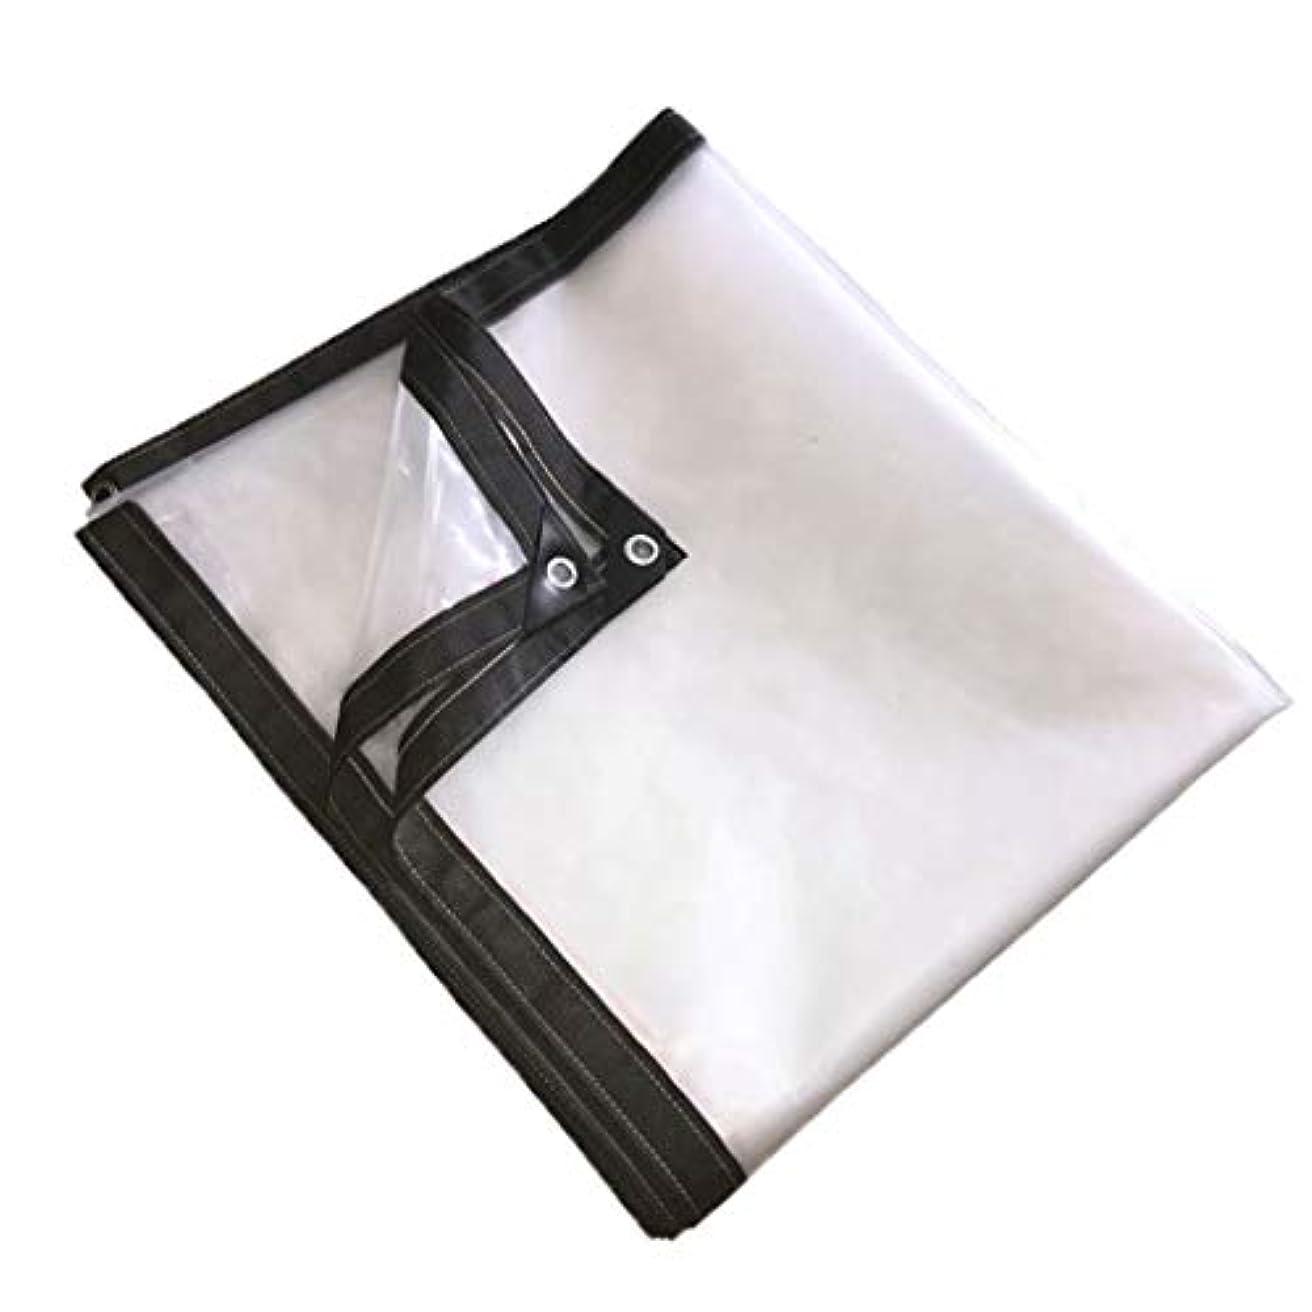 トレーダーリース教師の日透明ポリエチレン ターポリン 防水 防雨プラスチック布フィルム 老化防止 絶縁 植物の暖かさ フラワーズ バルコニー PE 21サイズ テント